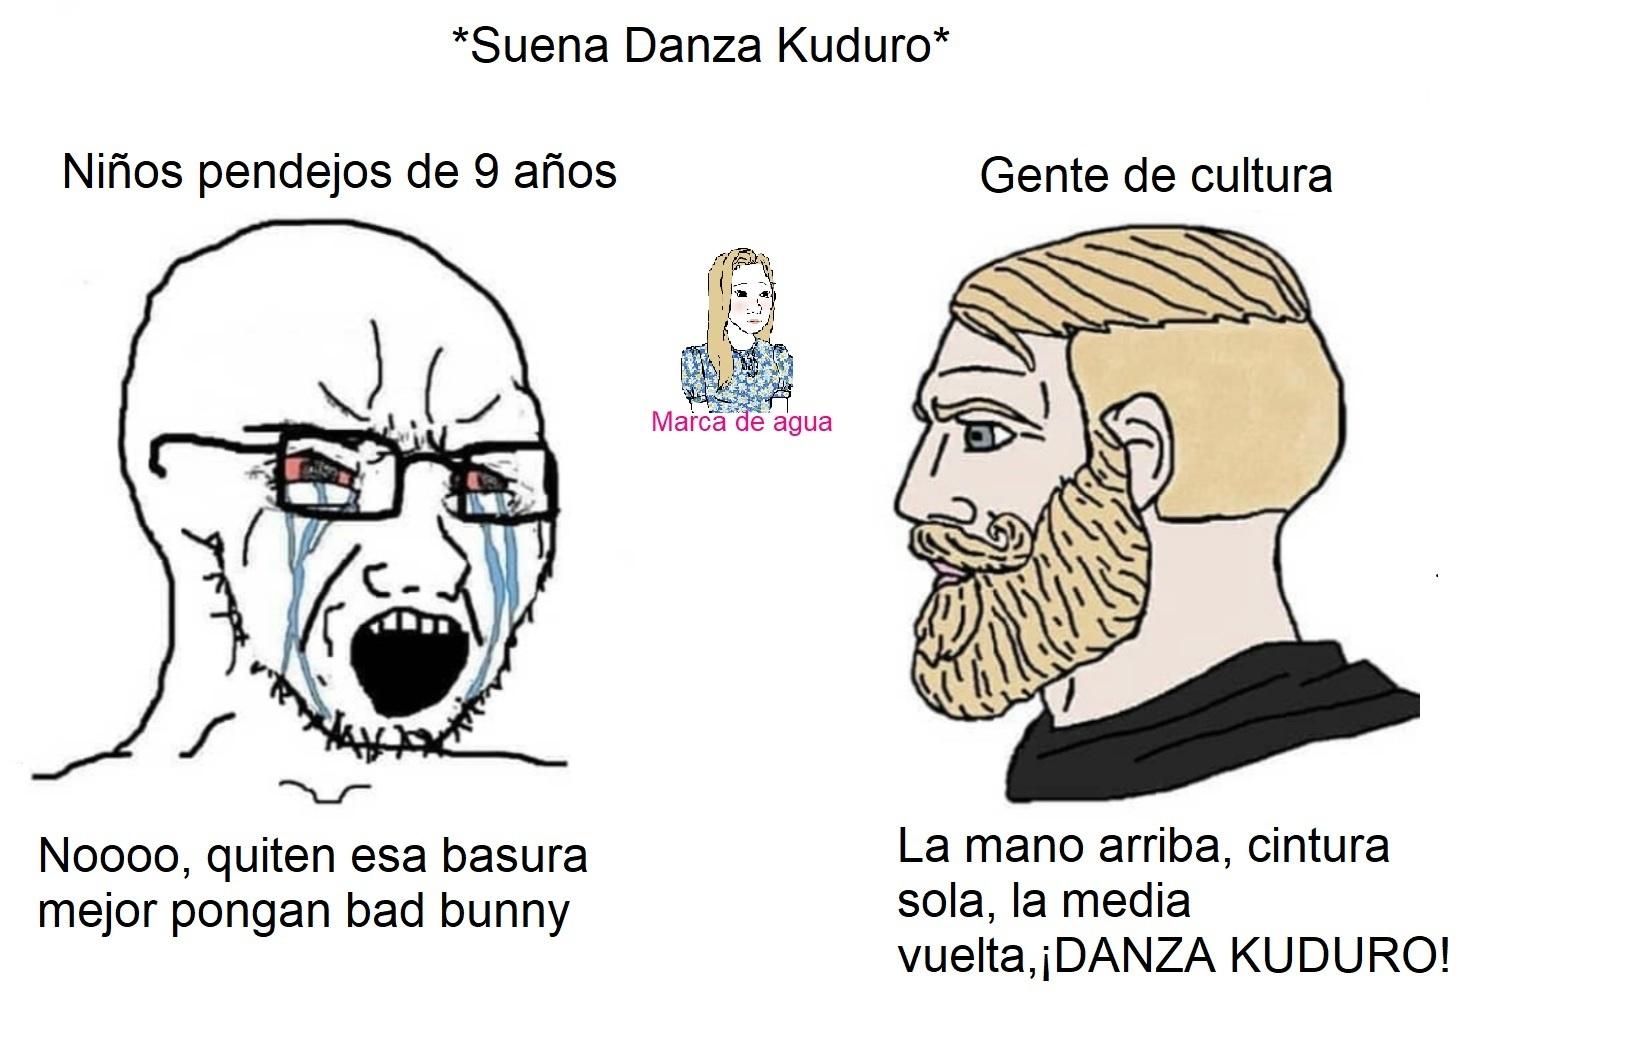 Las canciones de bAd BuNNi no le llegan ni a las suelas a este rolon - meme